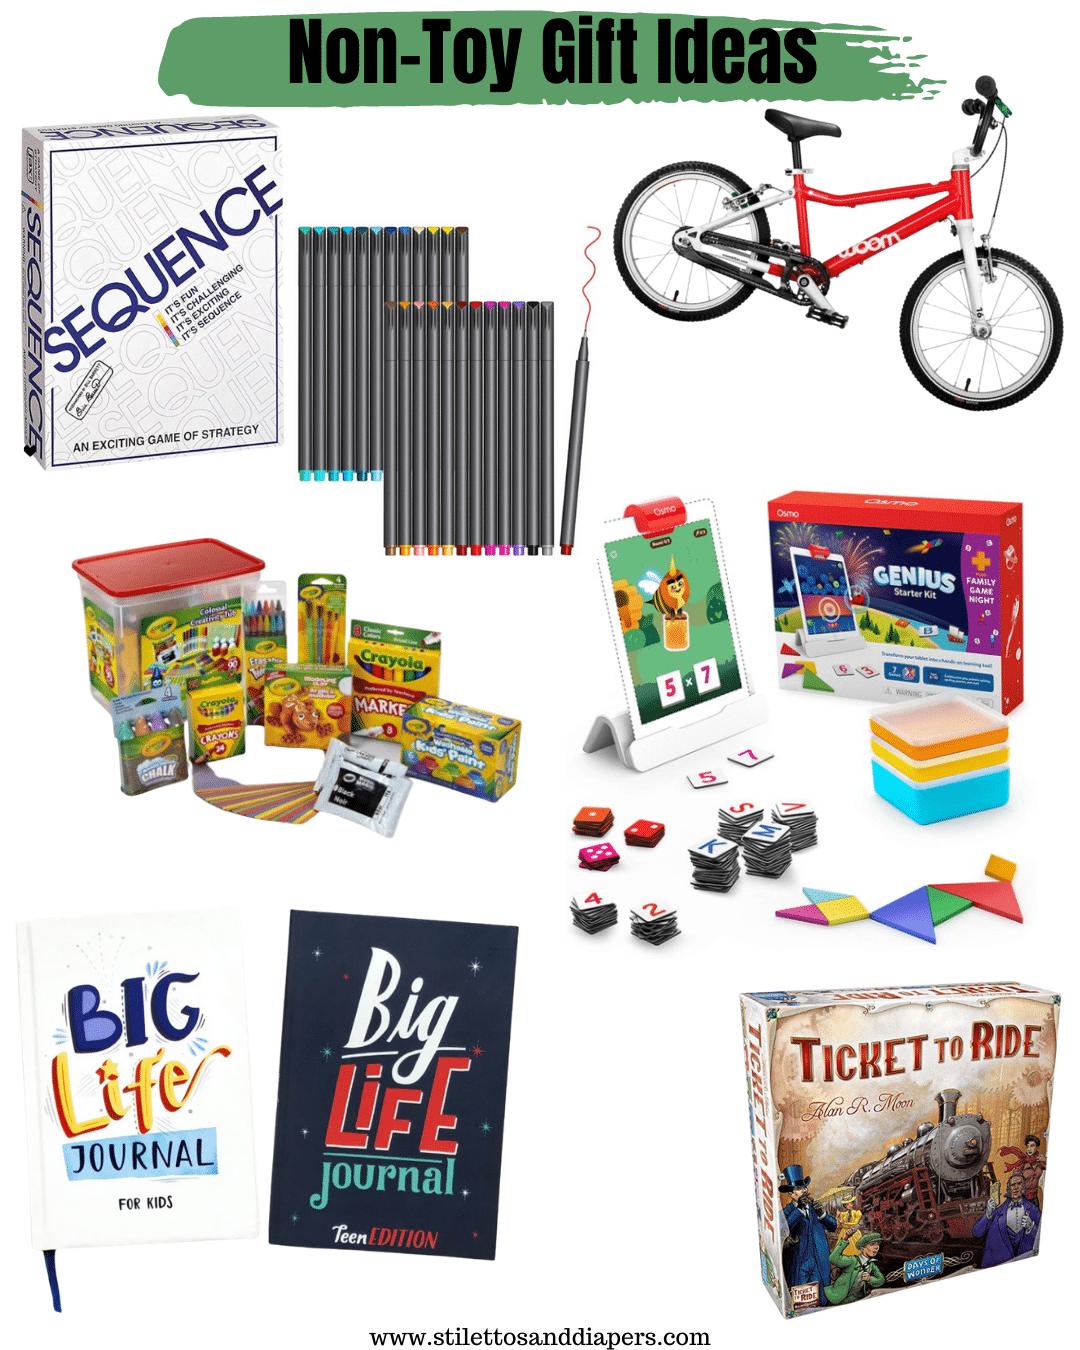 Non Toy Gift Ideas, Stilettos and Diapers